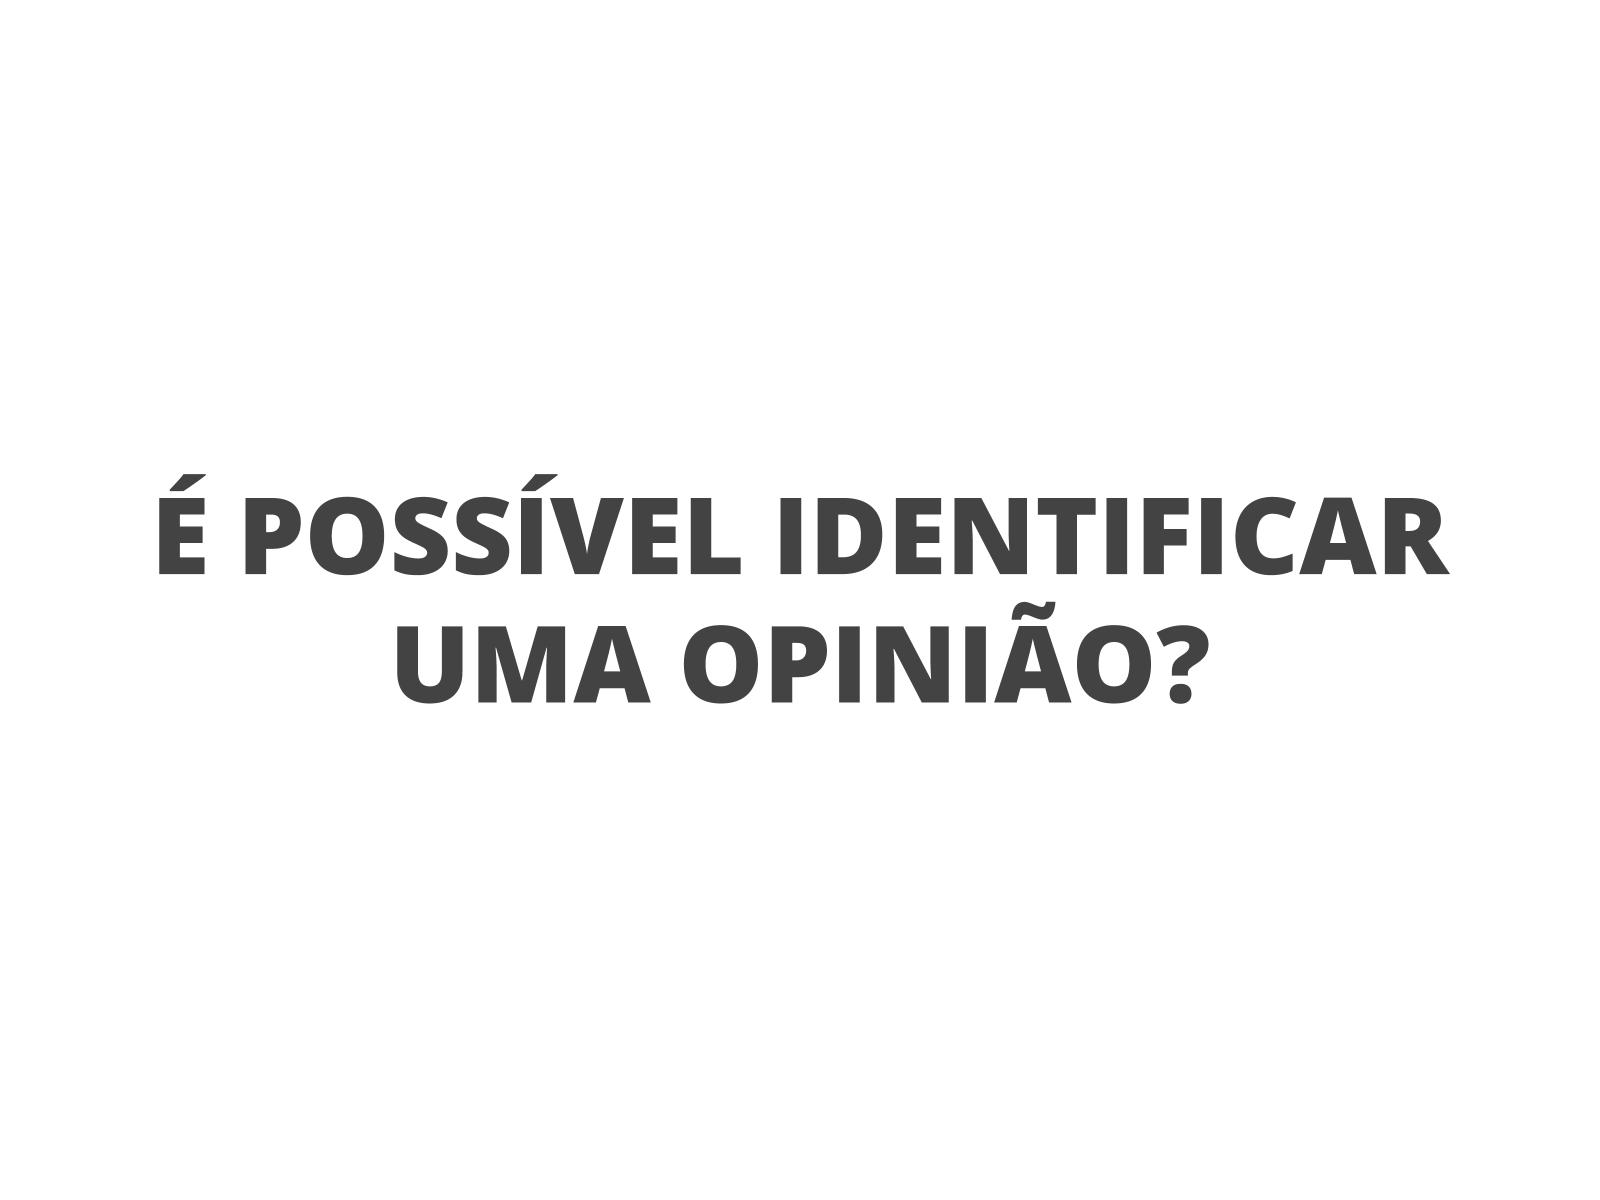 É possível identificar uma opinião?